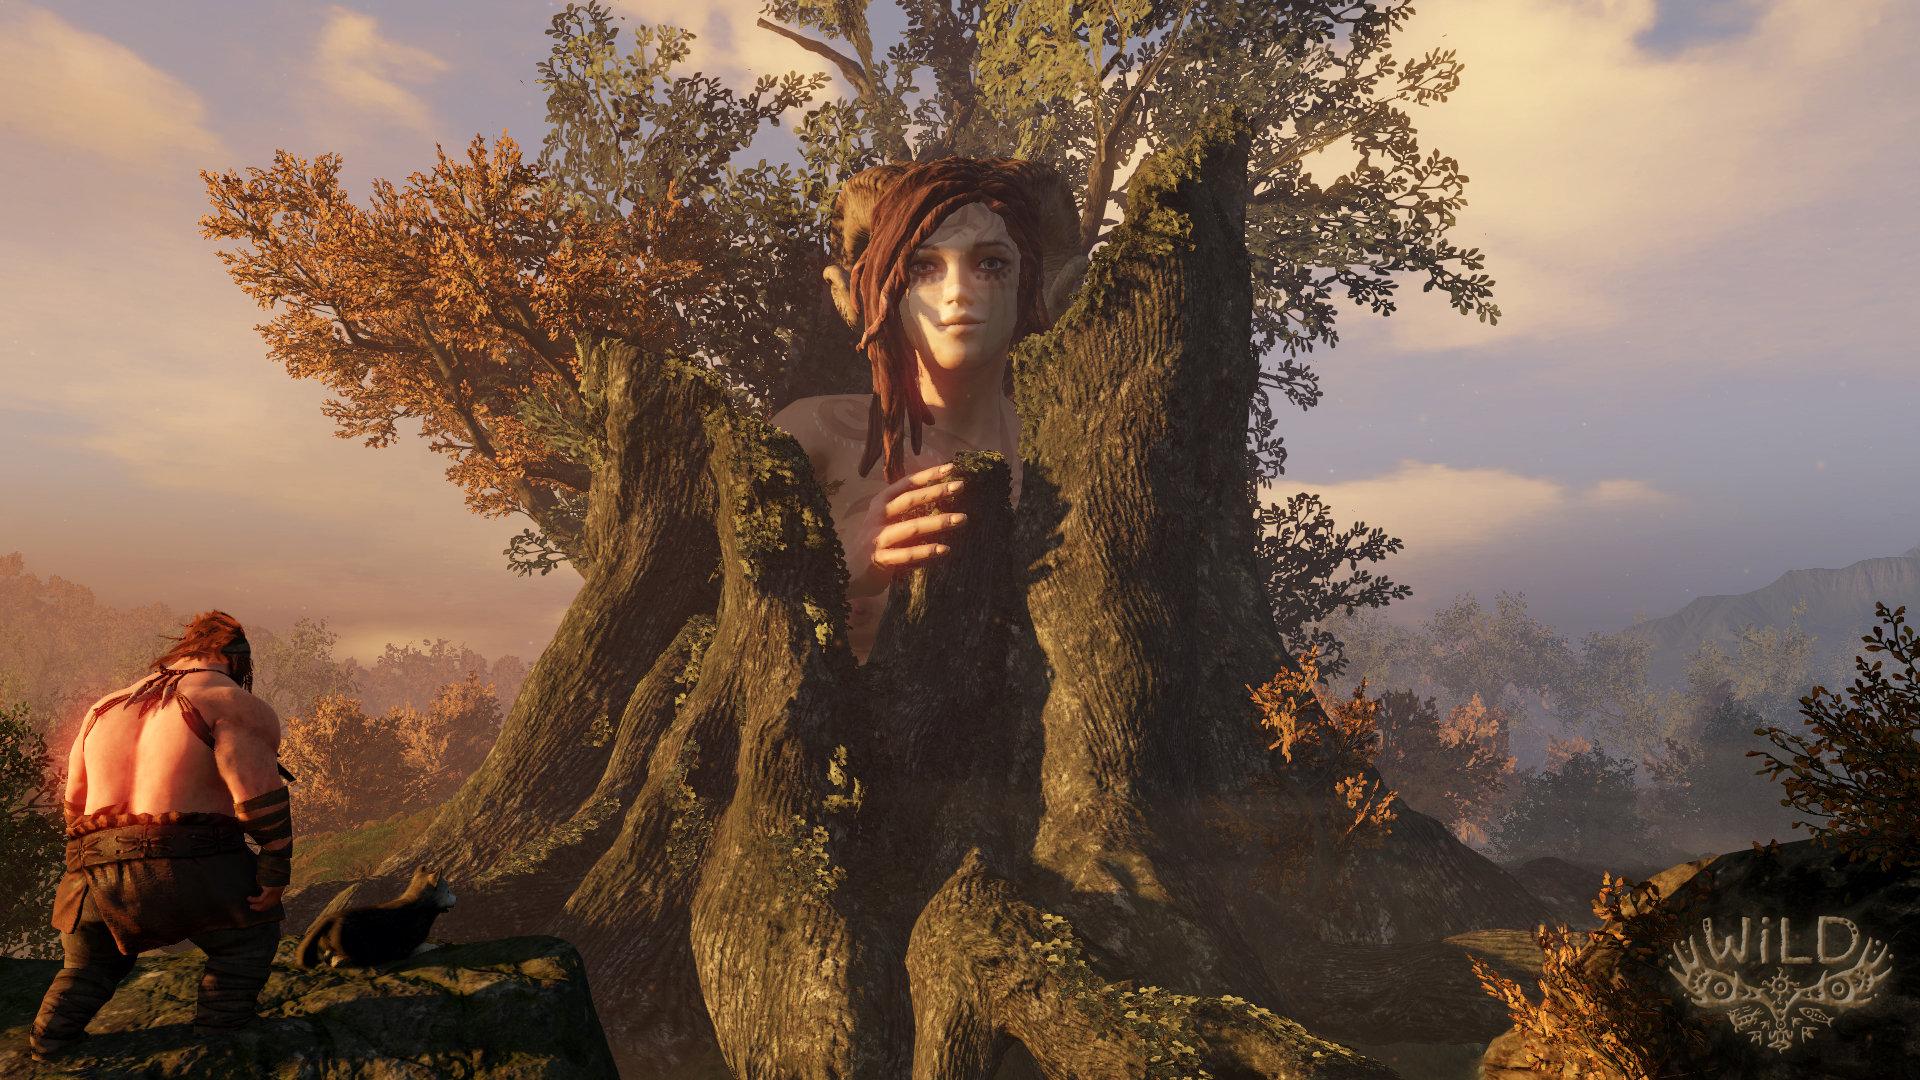 WiLD: PS4-exklusiver Open-World-Titel mit Wundergrafik lebt noch